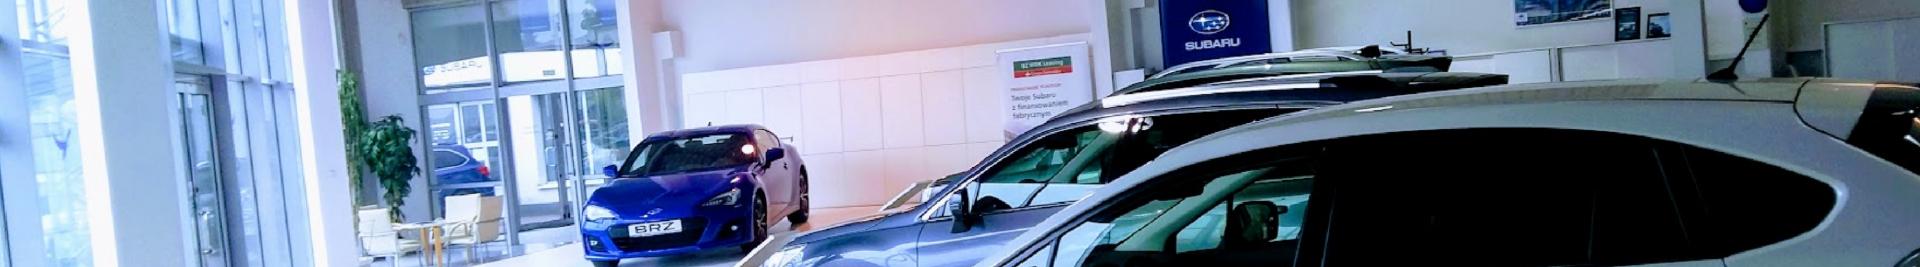 Subaru w nowym salonie